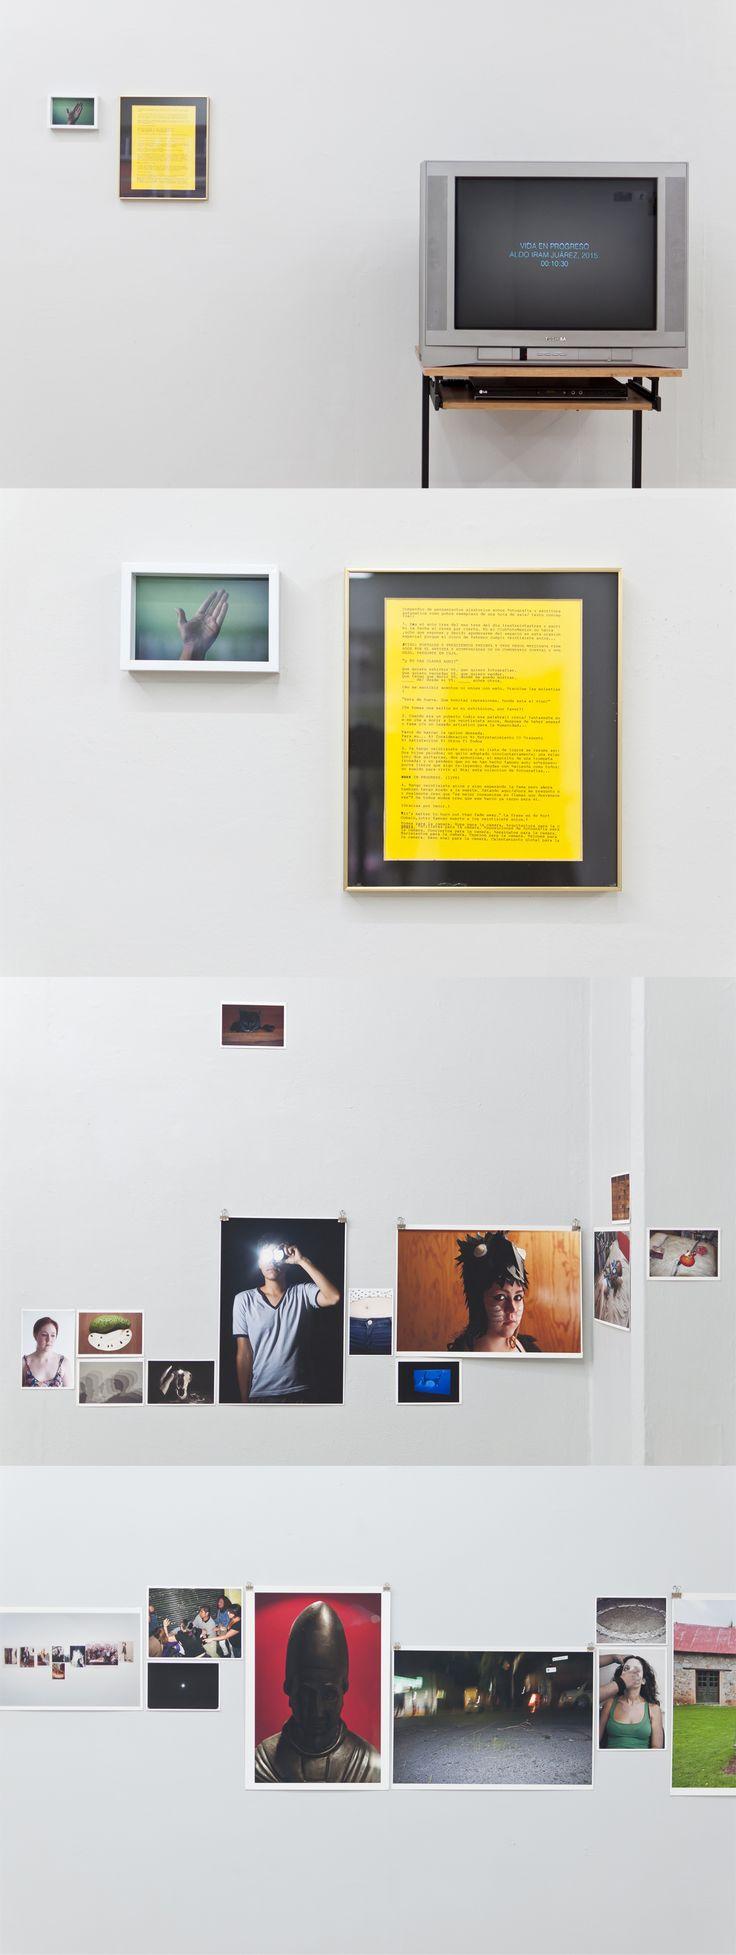 Varias impresiones mías y una pequeña video-instalación, en exhibición hasta Marzo 19 en @clubfotomex